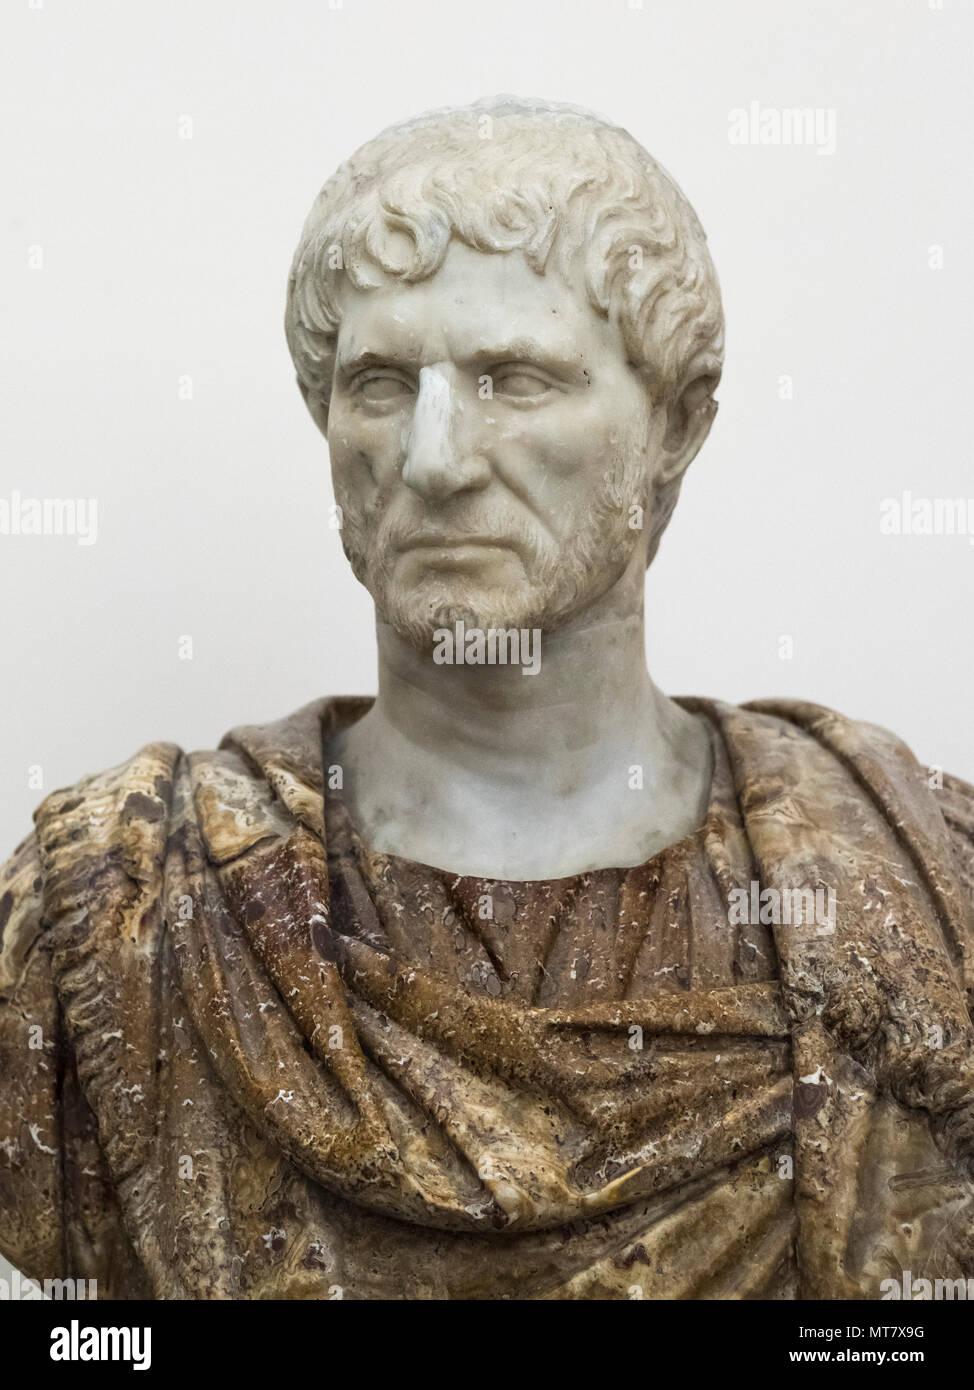 naples italy portrait bust of lucius junius brutus lucio giunio